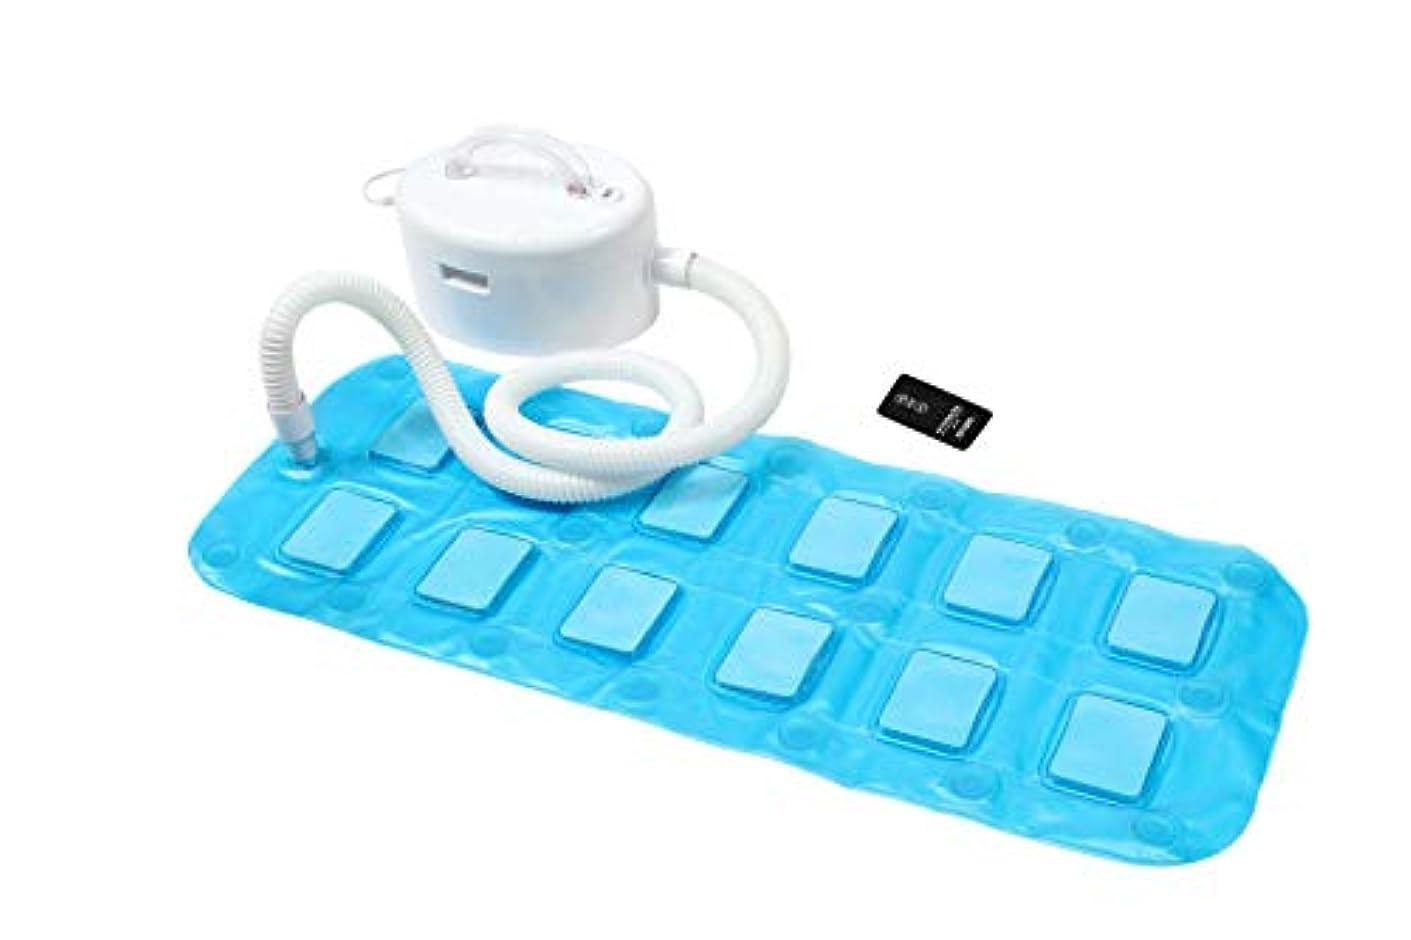 ぼんやりしたマナーマダム浴槽に敷くだけでお風呂がジャグジーに バスロマン ジャグジー バブルバス 入浴剤 混用可能 LBS-605 半身浴 温浴 温泉 気分